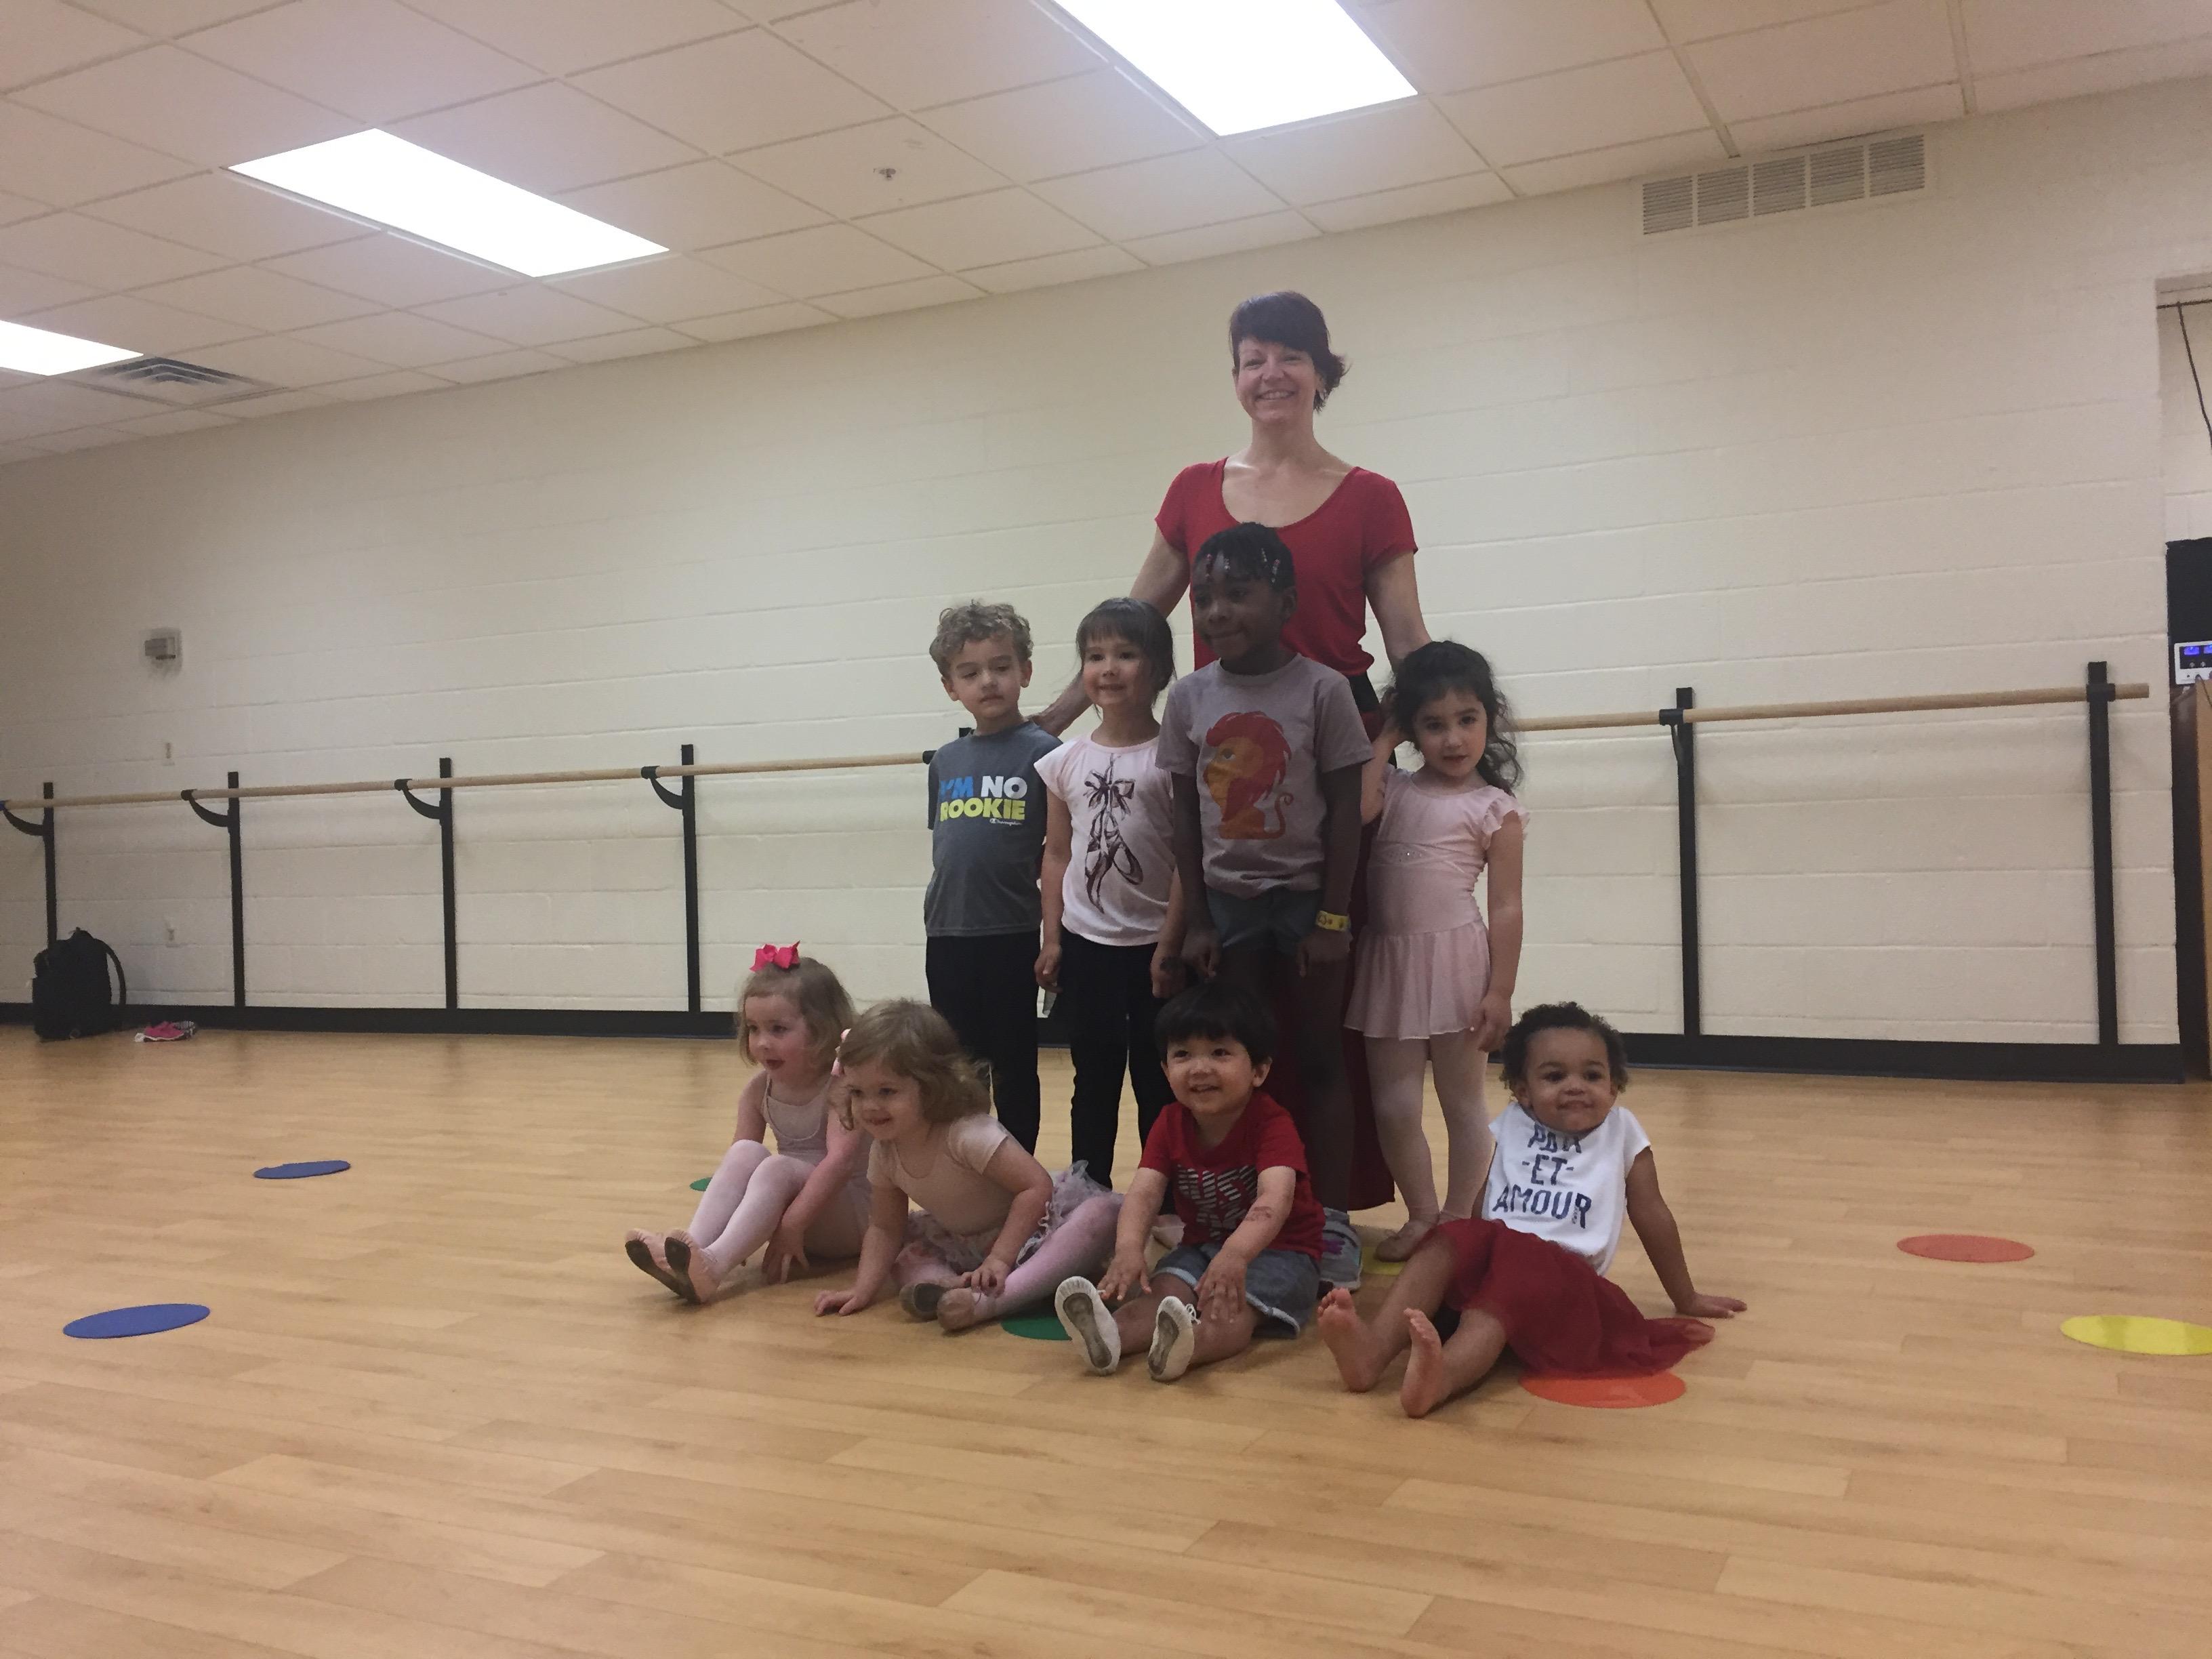 annapolis-dance-academy-1546824964.jpeg